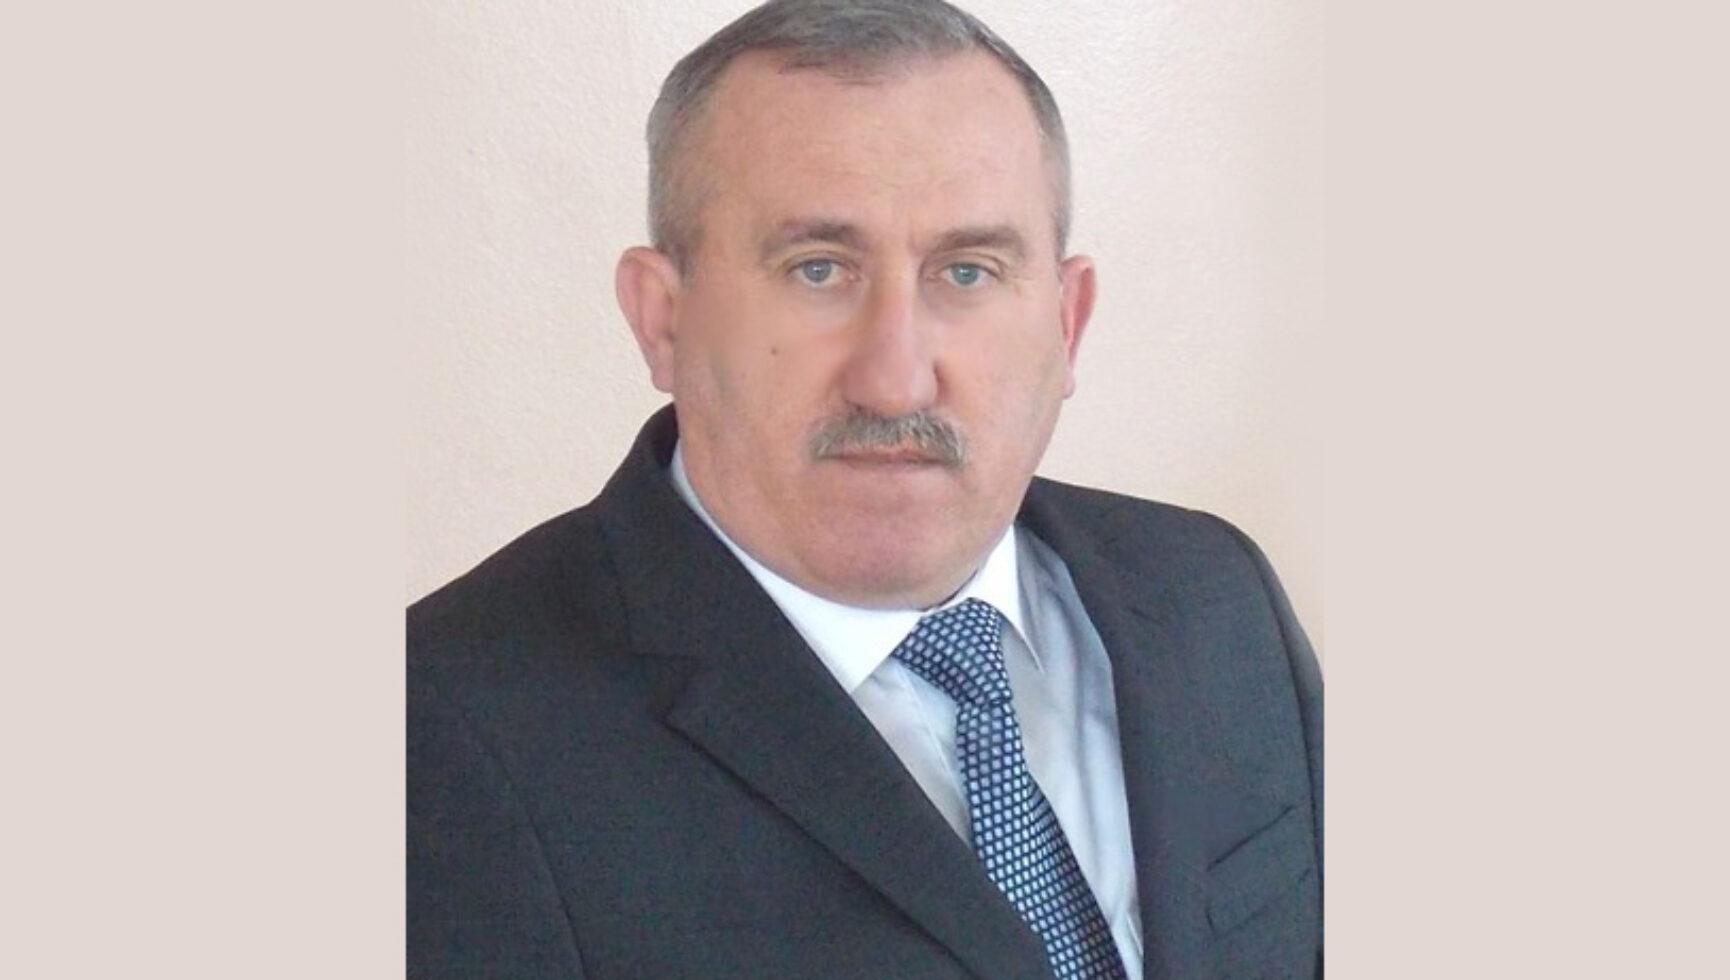 Поздравляем Калину Геннадия Михайловича, главу администрации муниципального образования Куркинский район, с Днем рождения!